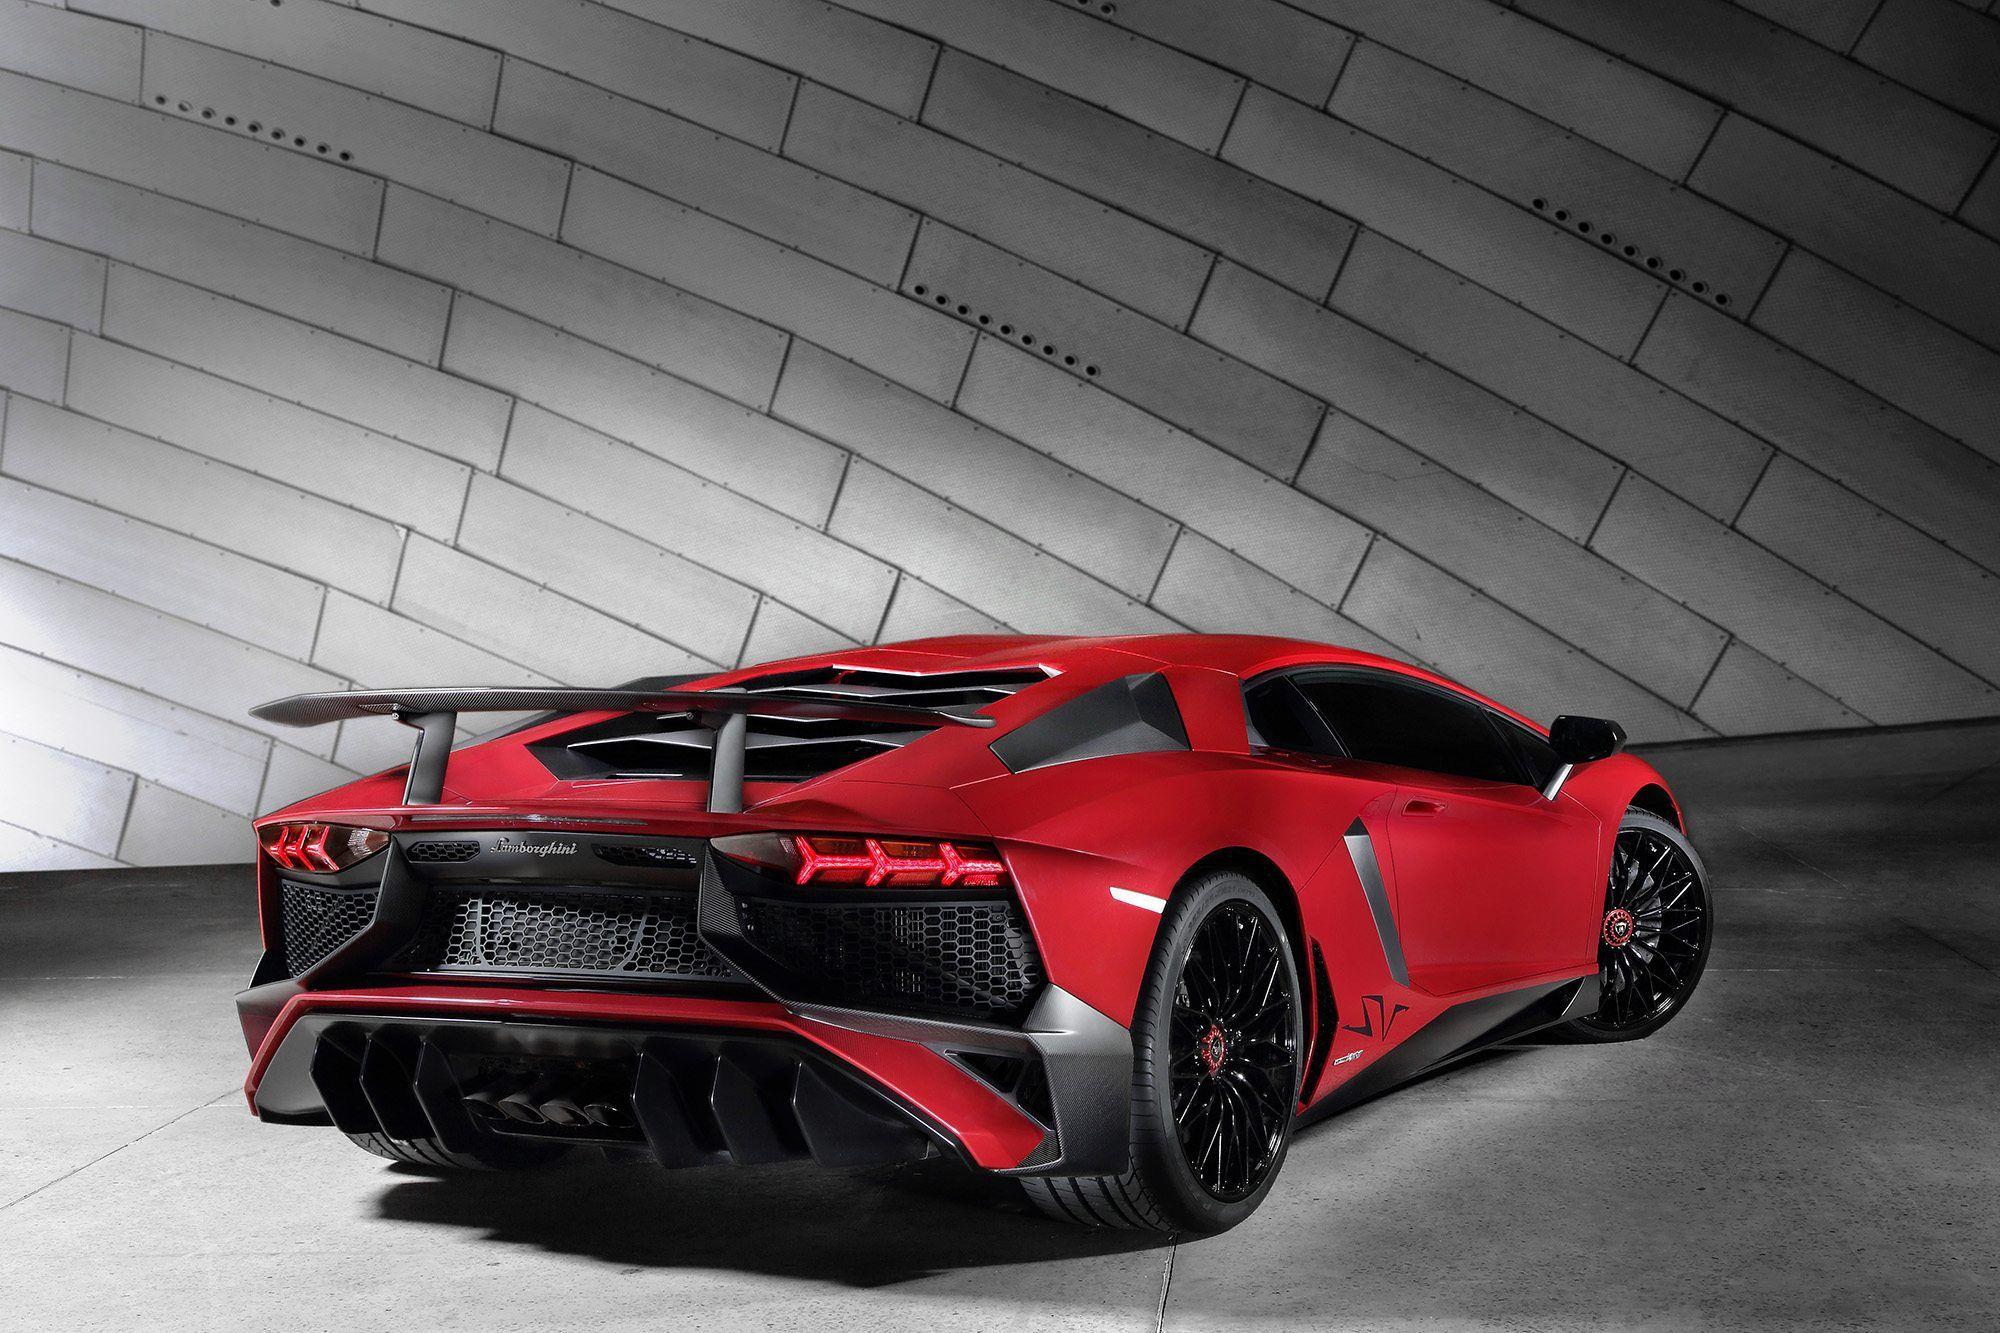 Lamborghini Aventador LP 750 4 Superveloce   A quota 750 CV Al